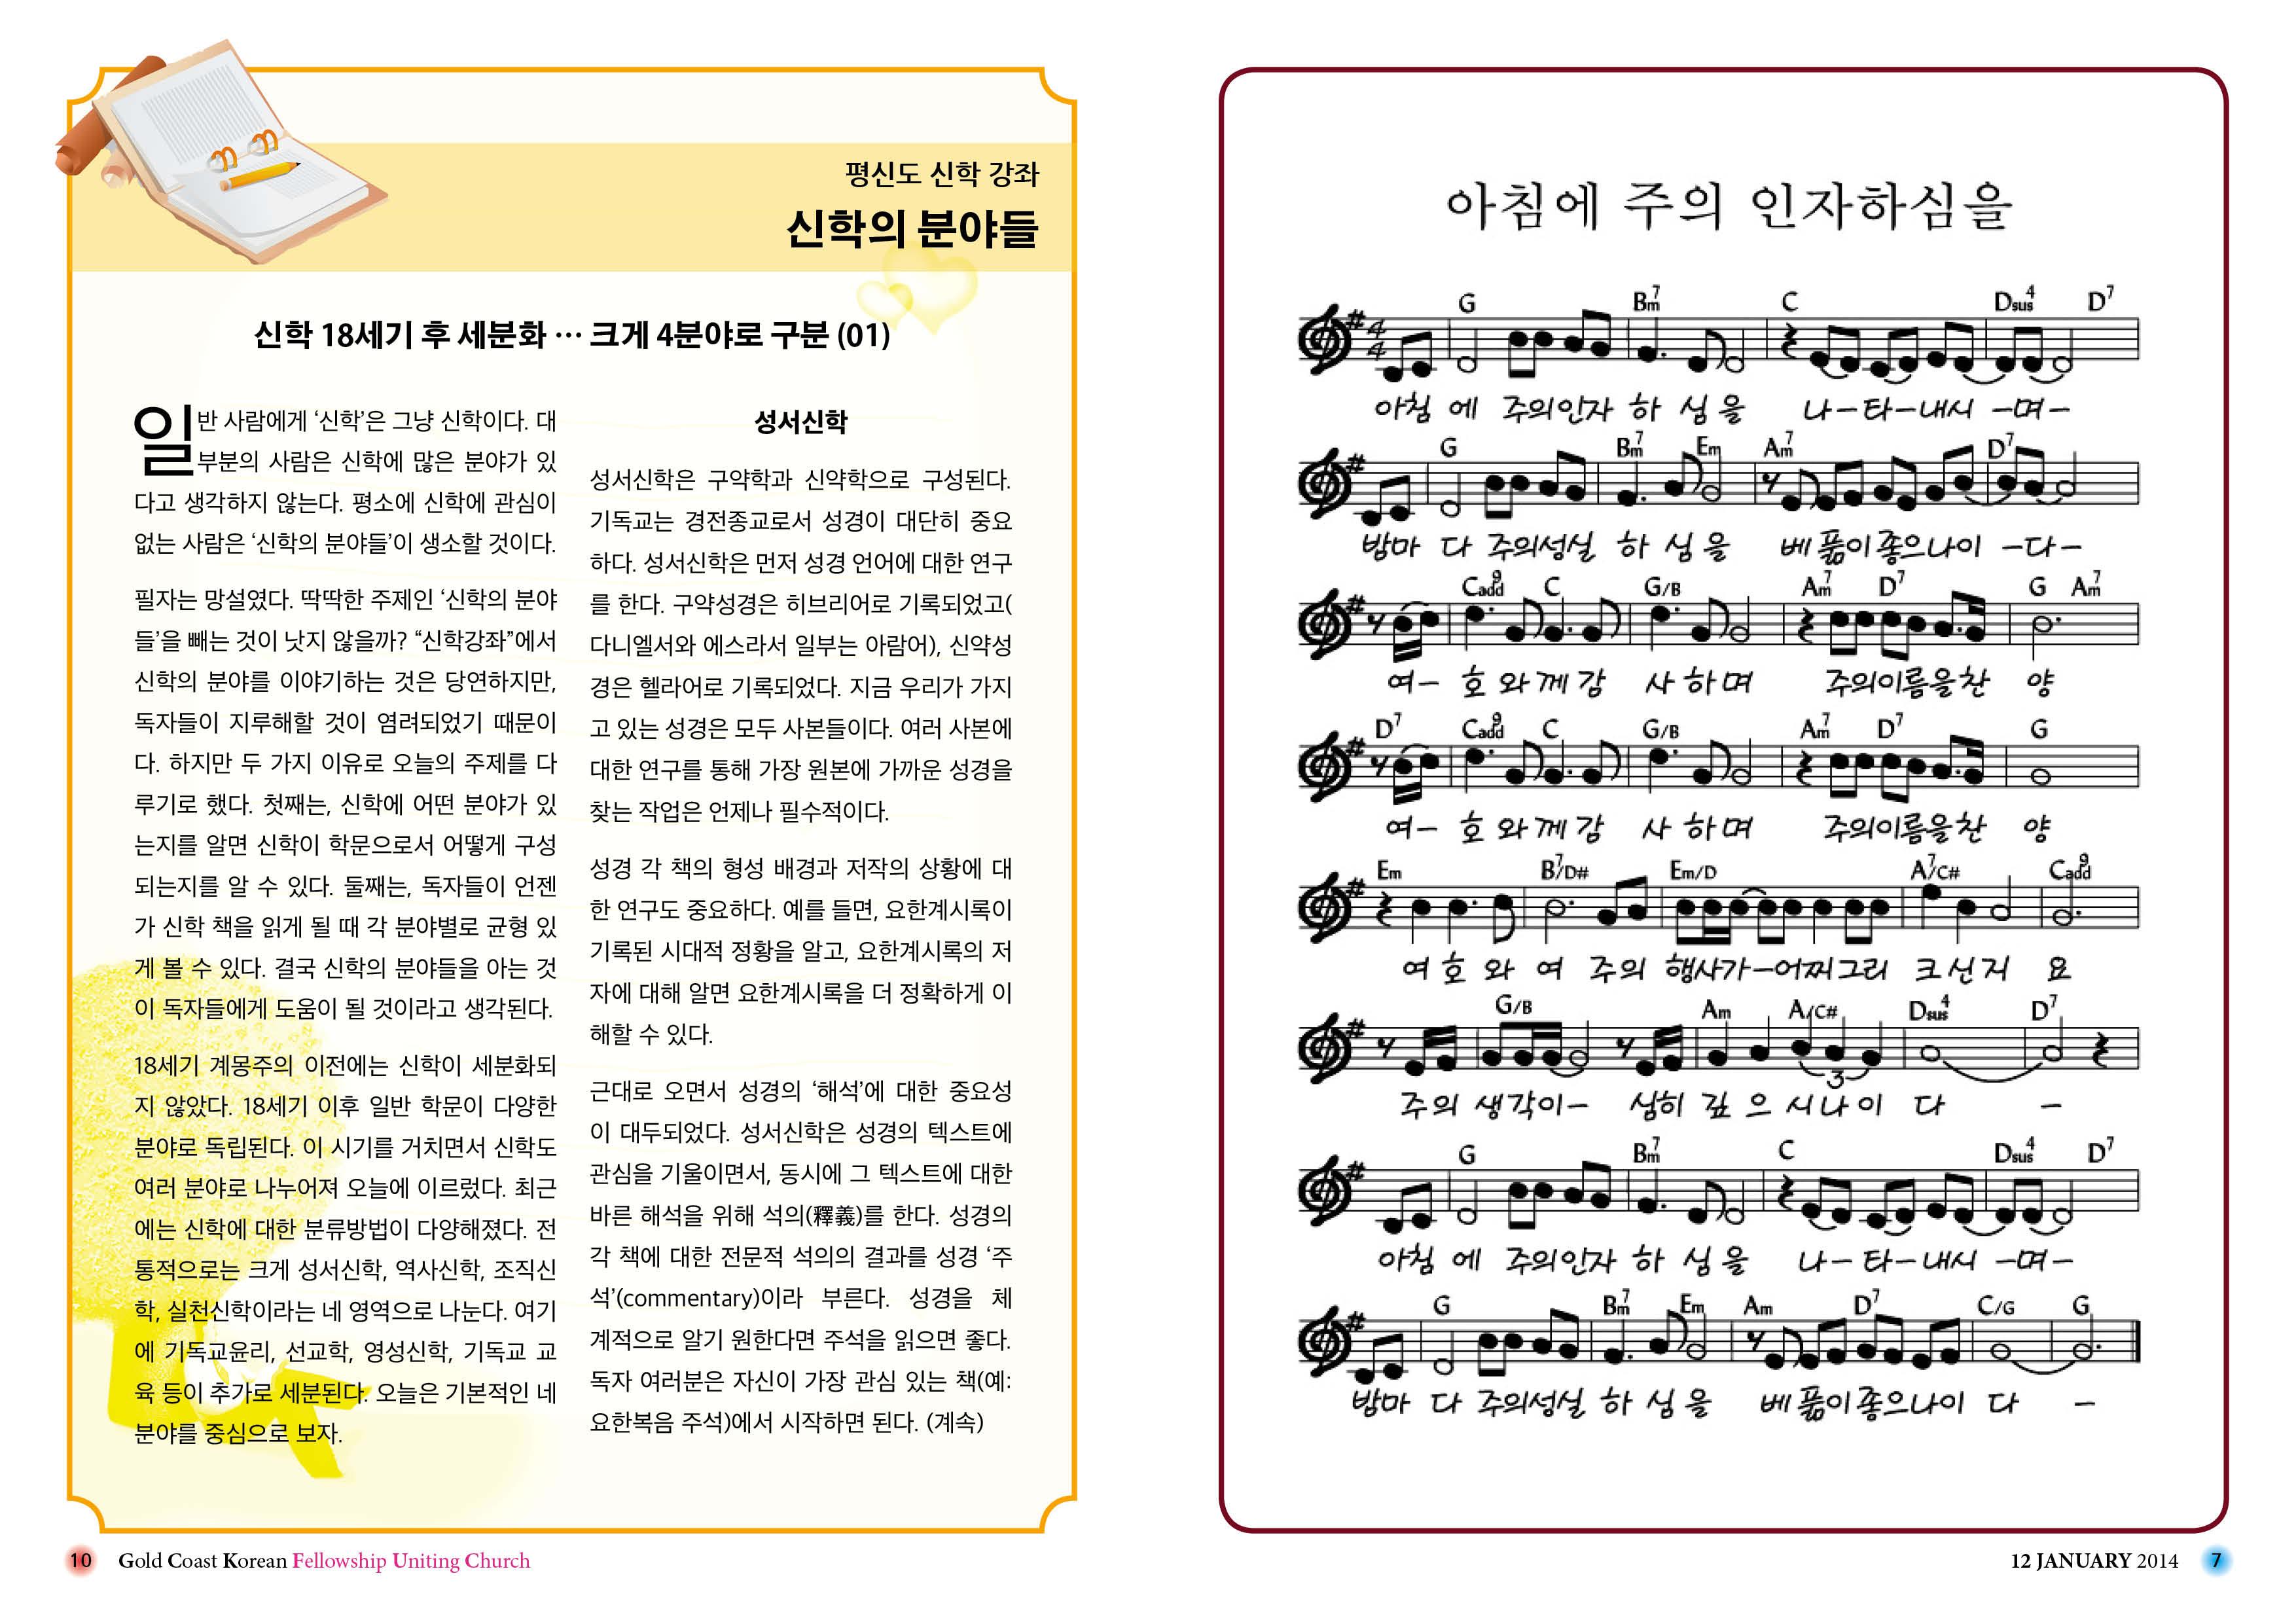 2014.01.12 주보 프린트(2차 수정)7.jpg